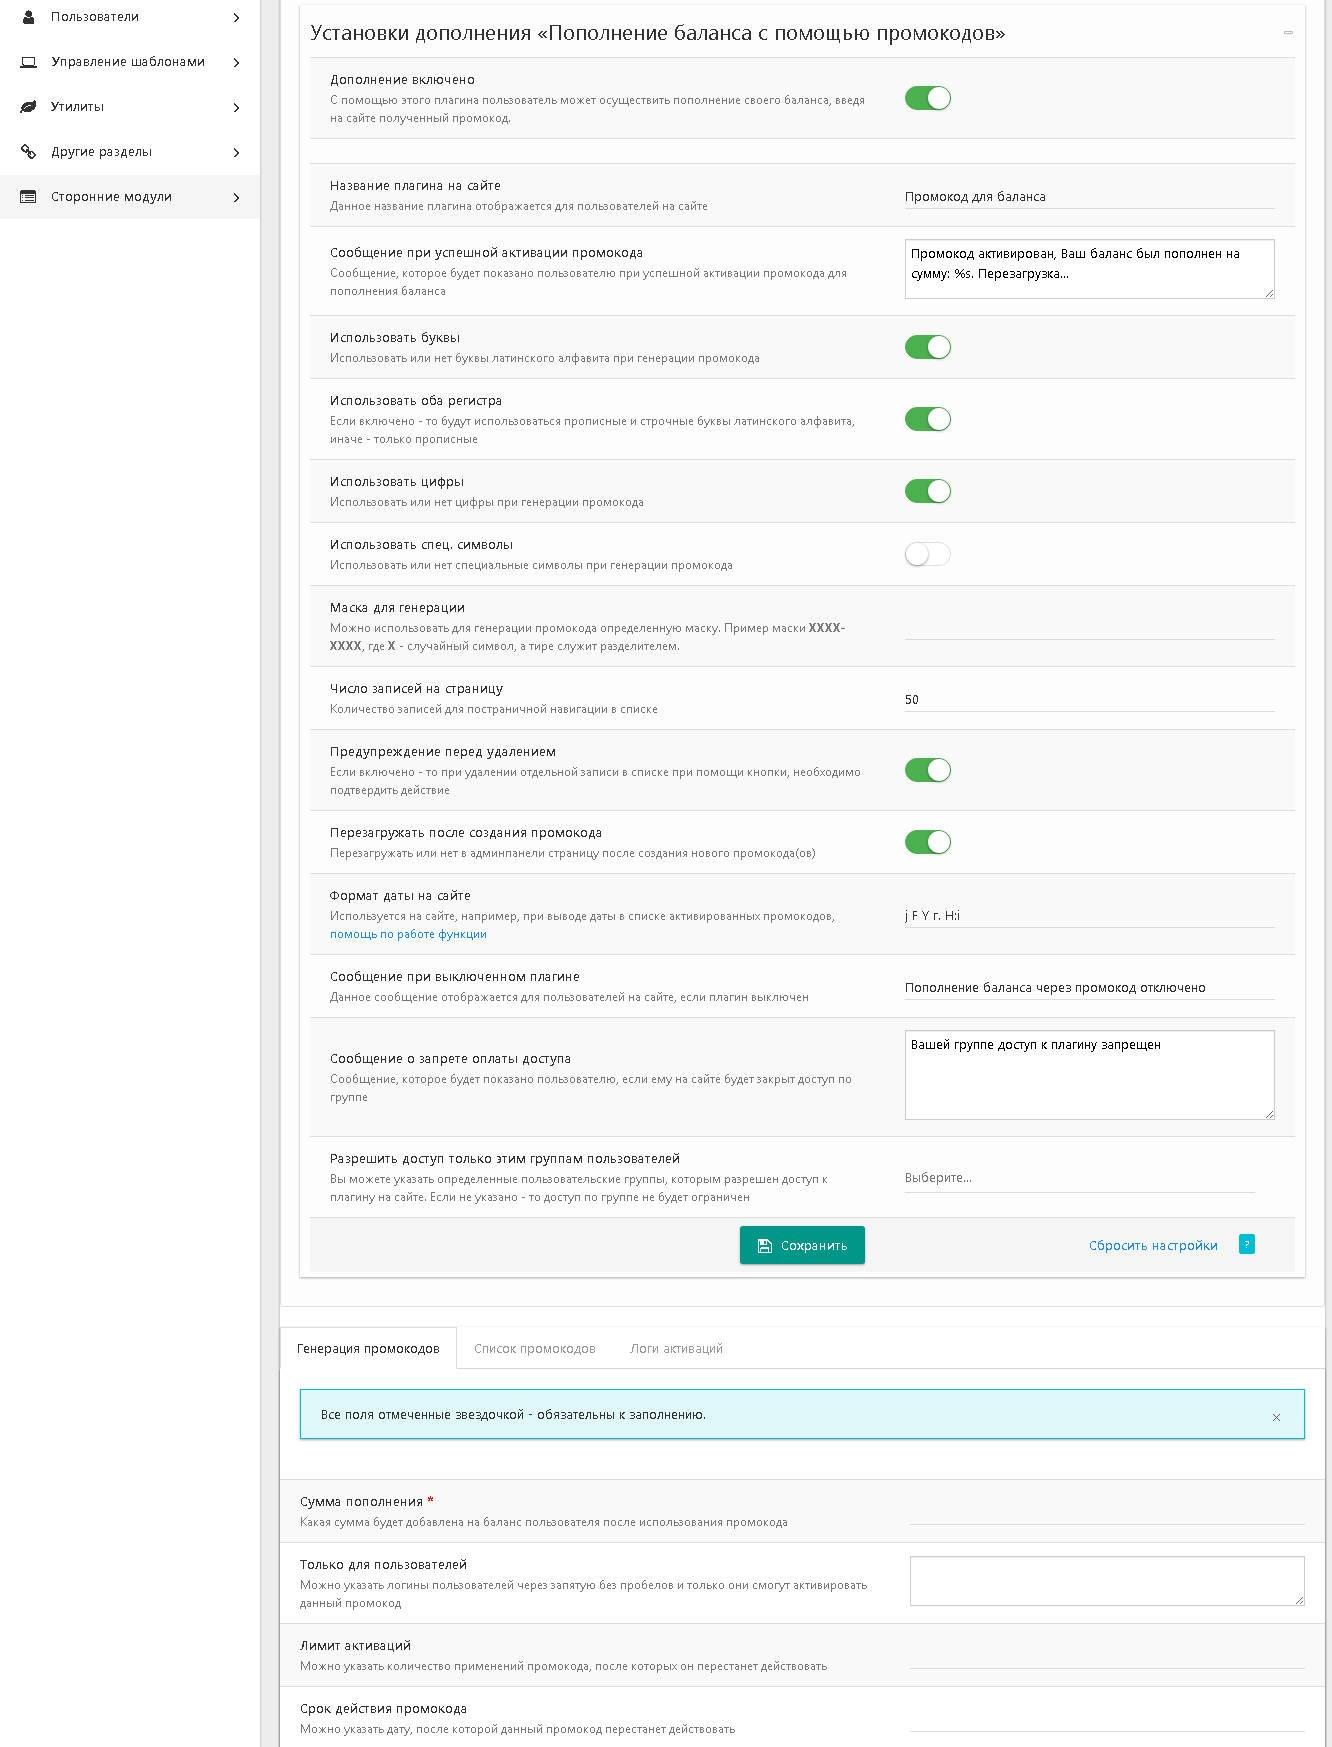 Пополнение баланса с помощью промокодов - плагин для WebCash